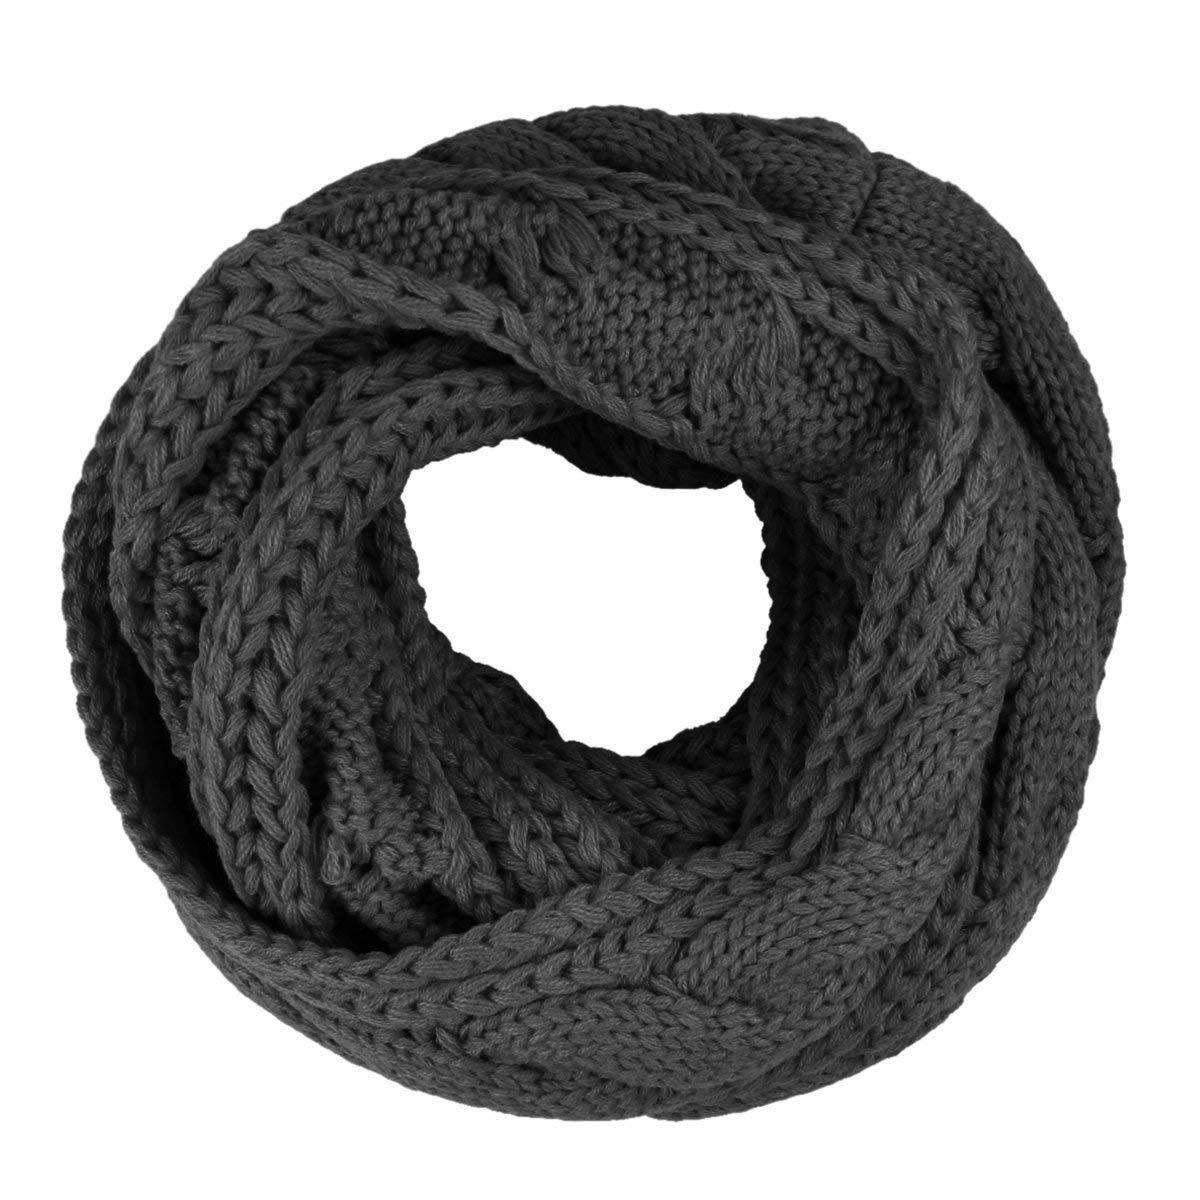 5c30dc28451c Les vêtements en laine à voir sur Amazon – Blog écologie ...